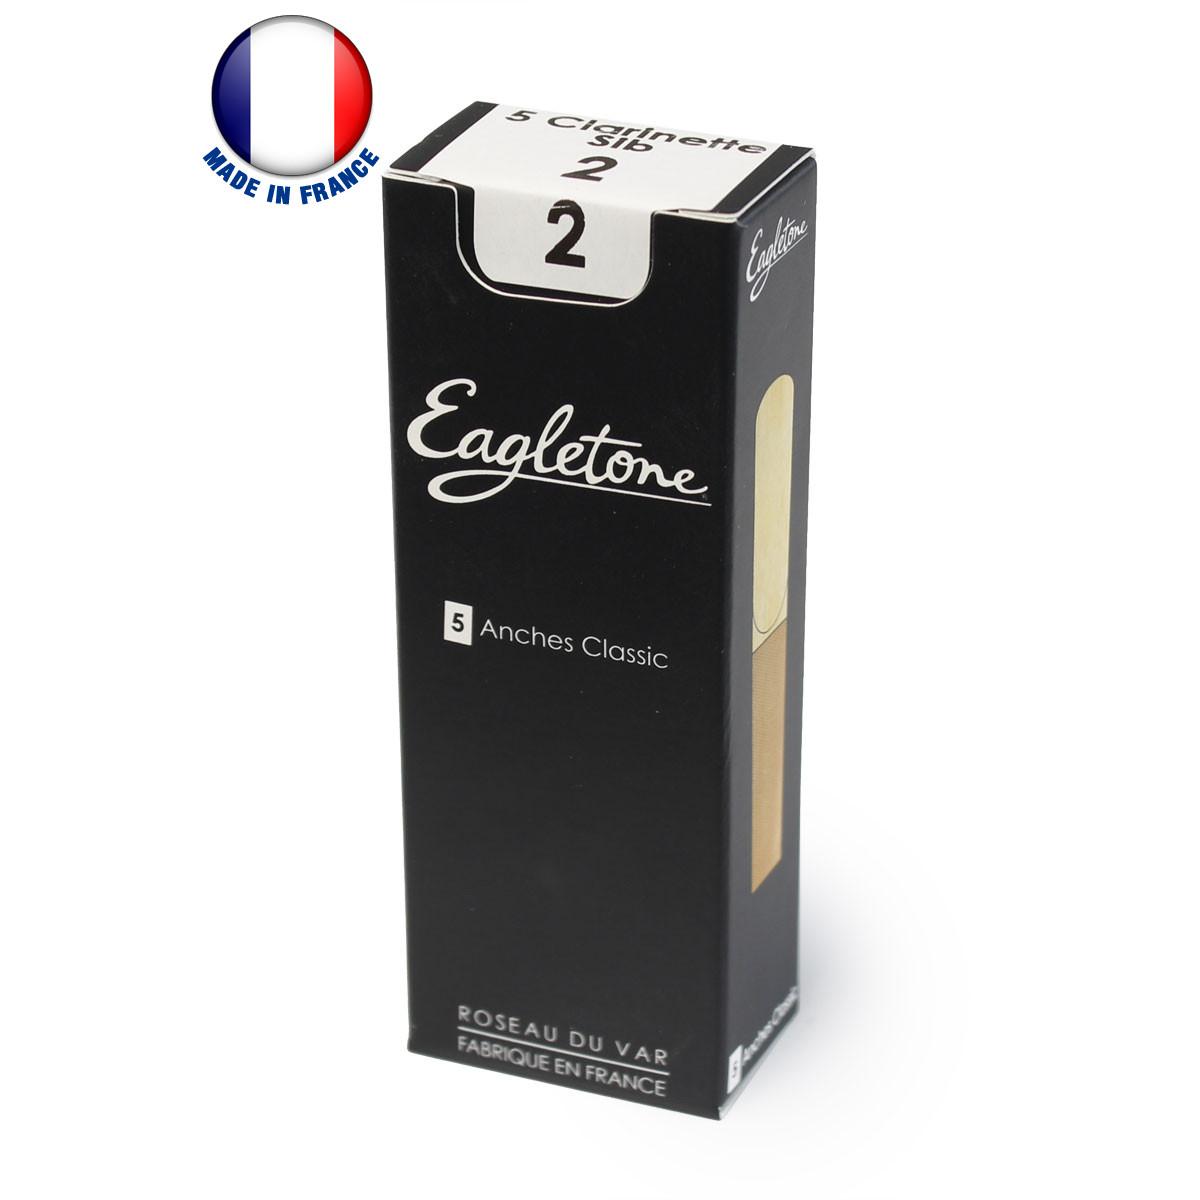 Product Fabriquées à partir de roseaux de Provence de première qualité séchés de manière naturelle au soleil pendant 2 ans, les anches Eagletone offrent équilibre et flexibilité, avec un timbre riche et une réponse vive. />Les professeurs et leurs élèves les apprécieront pour leur grande longévité, leur son équilibré et leur consistance uniforme. /> />Caractéristiques techniques : /> />- Anches Classic />- Boîte de 5 anches />- Pour clarinette Sib />- Force 2 />- Fabriquées à partir de véritables roseaux de Provence />- Fabriquées en France